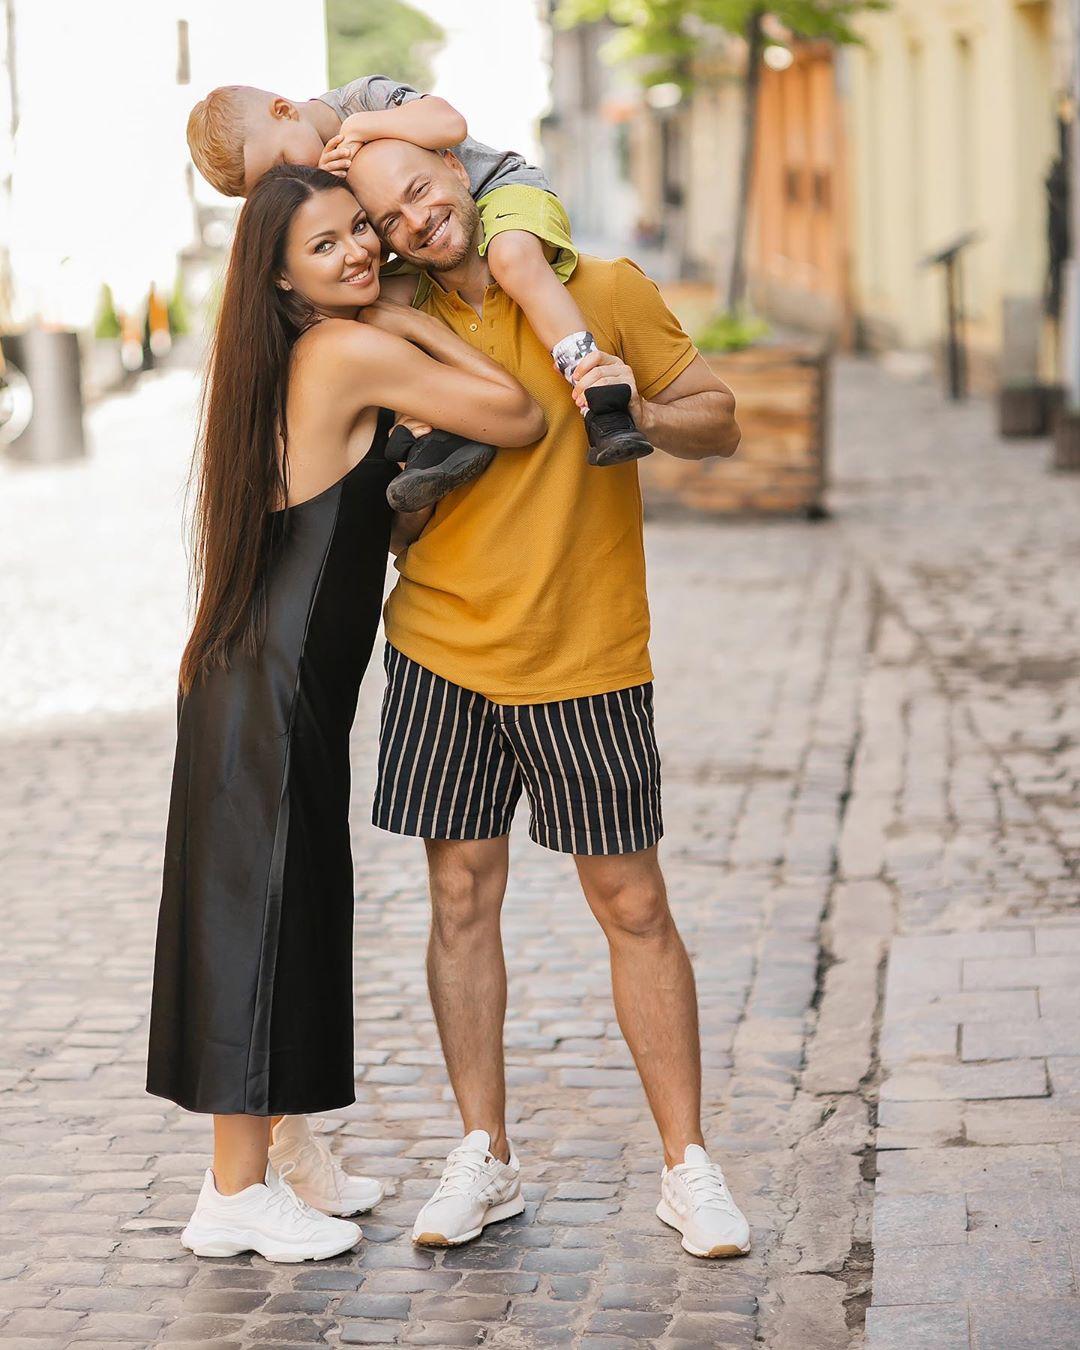 Самое большое достижение: Влад Яма растрогал сеть семейной фотосессией с женой и сыном